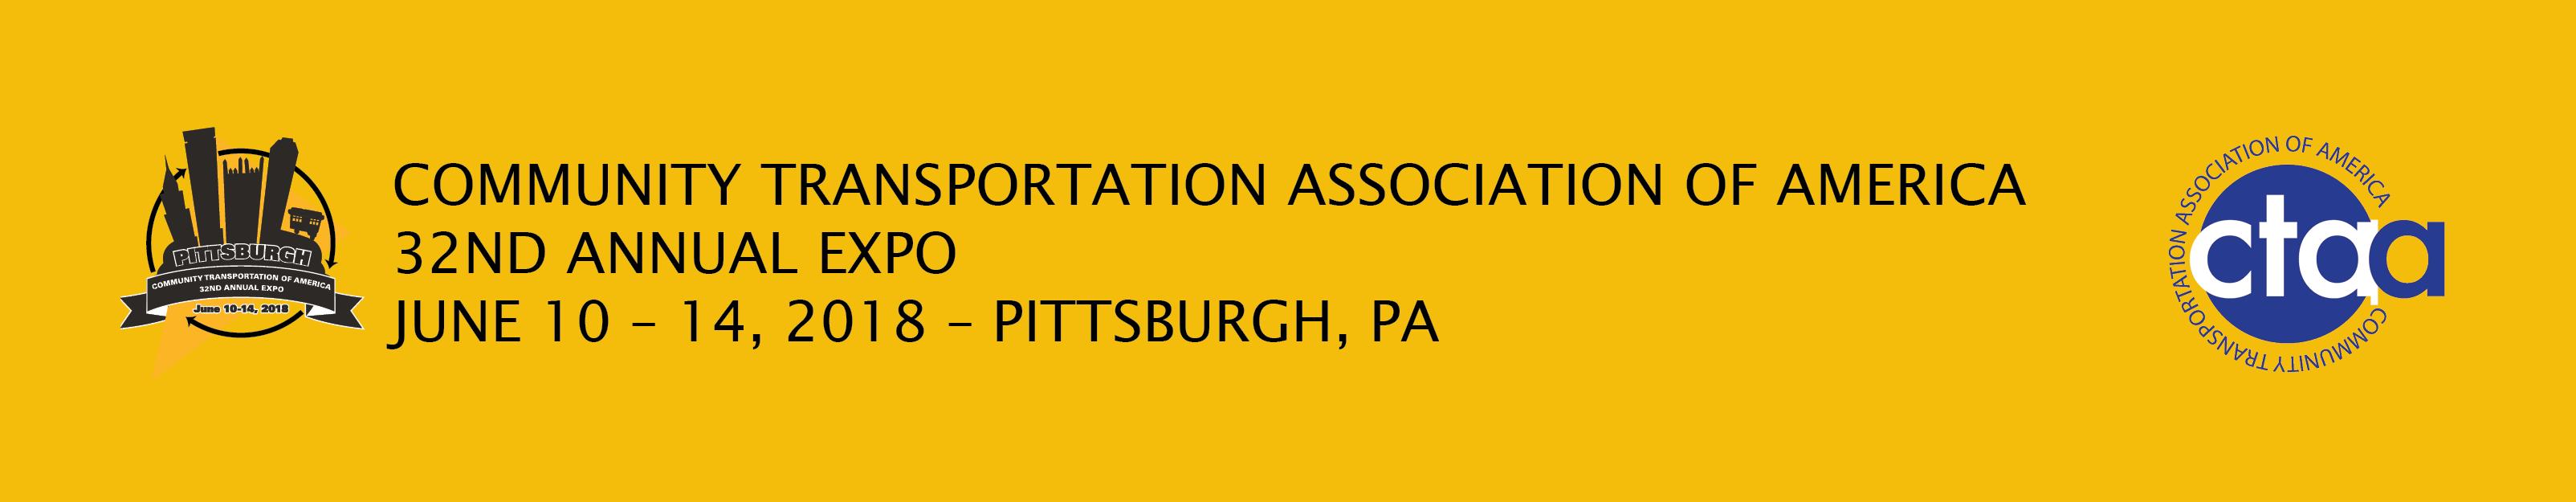 CTAA 2018 Exhibit & Sponsorship Opportunities